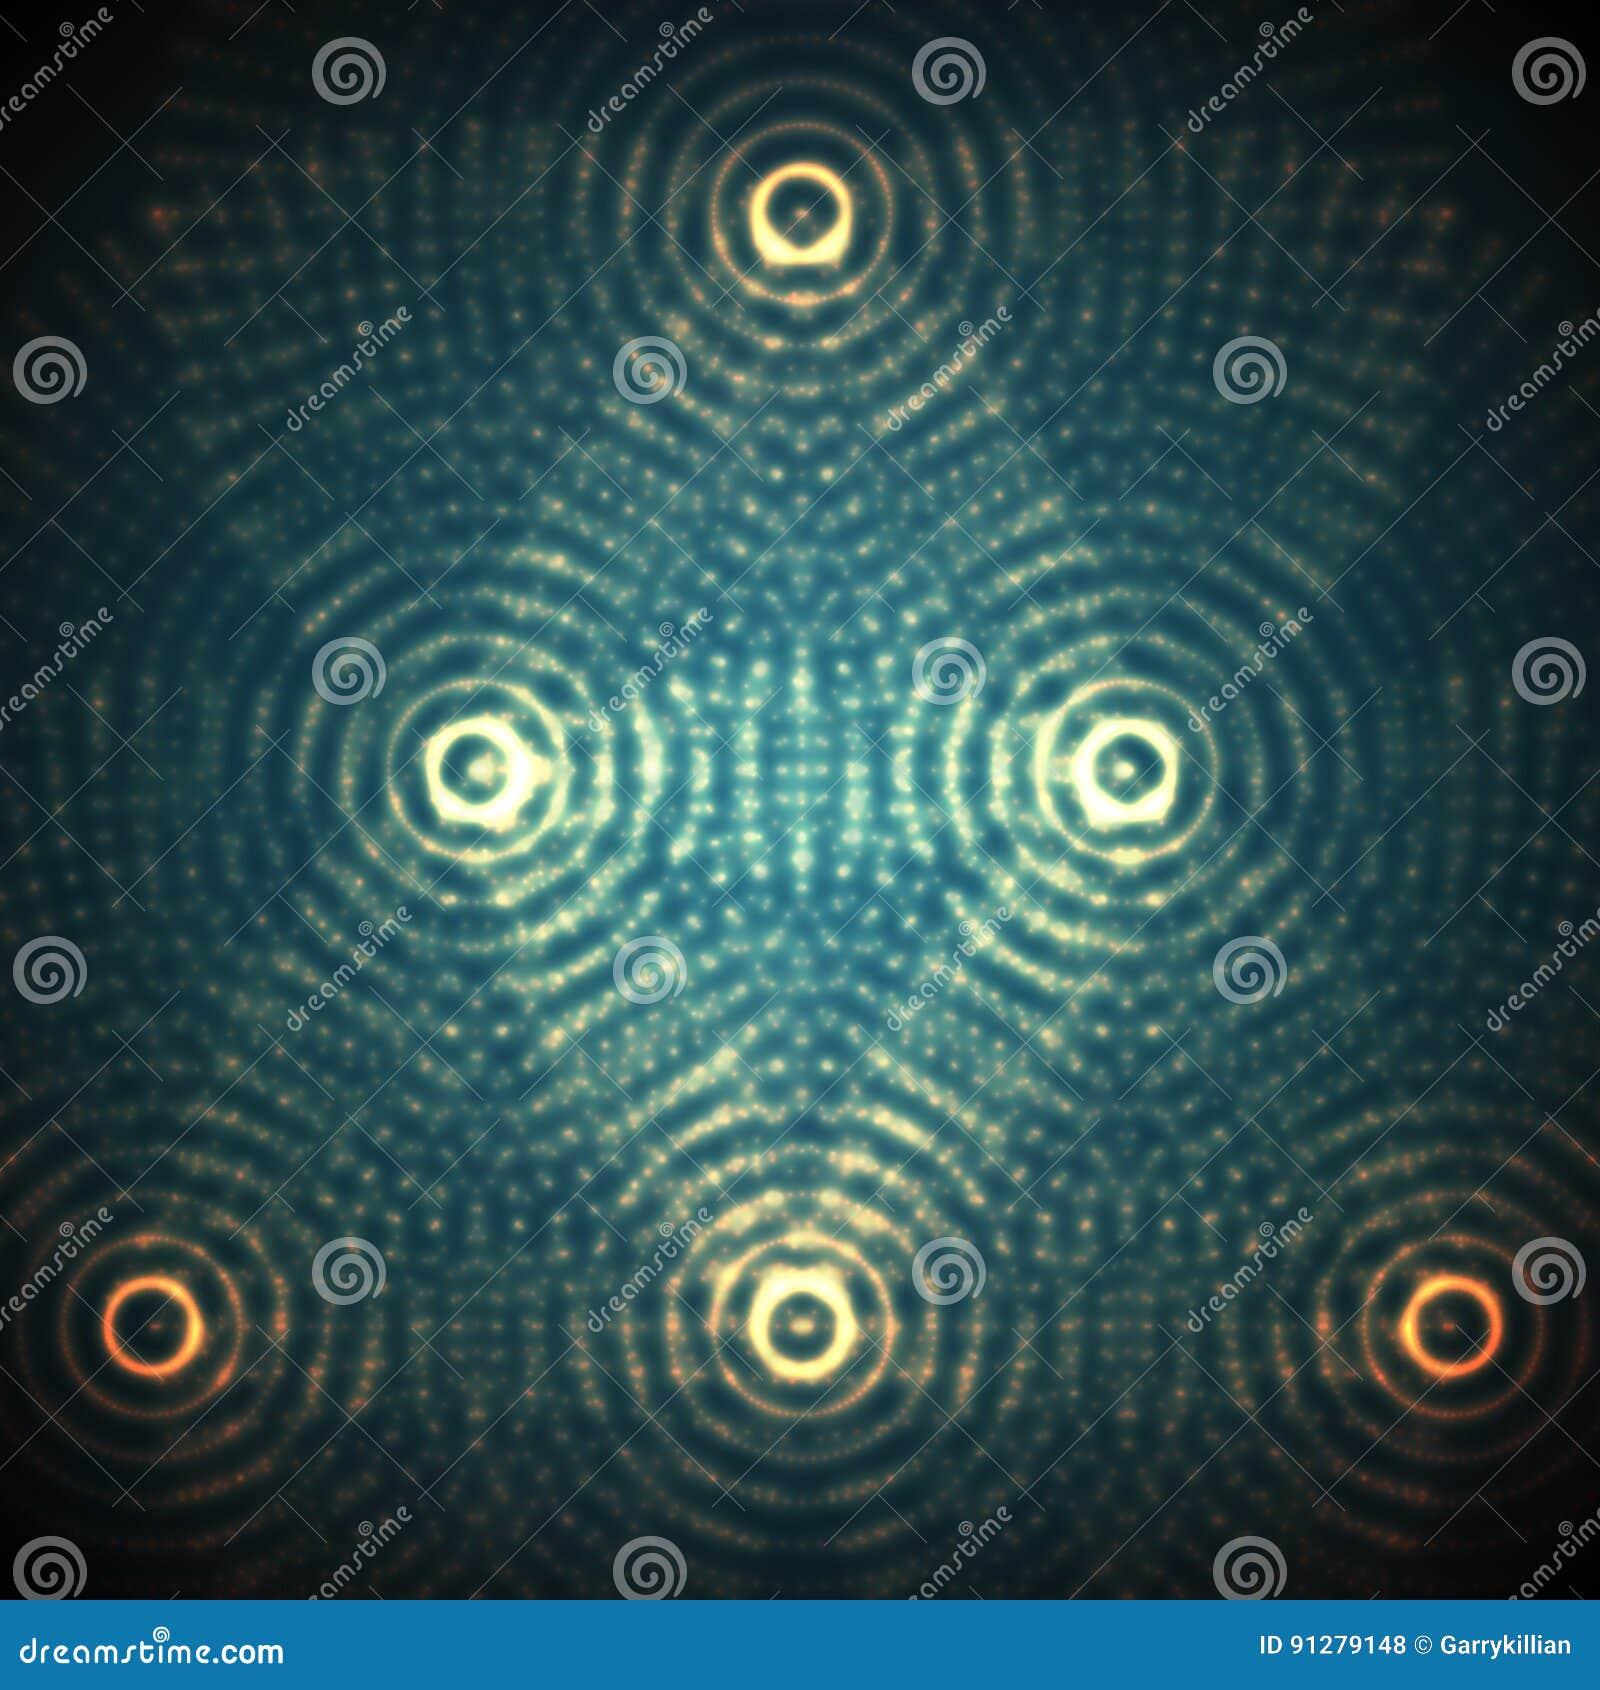 Abstrakt sfär för vektor av partiklar, punktsamling futuristic illustrationvektor Digital färgstänk för teknologi eller